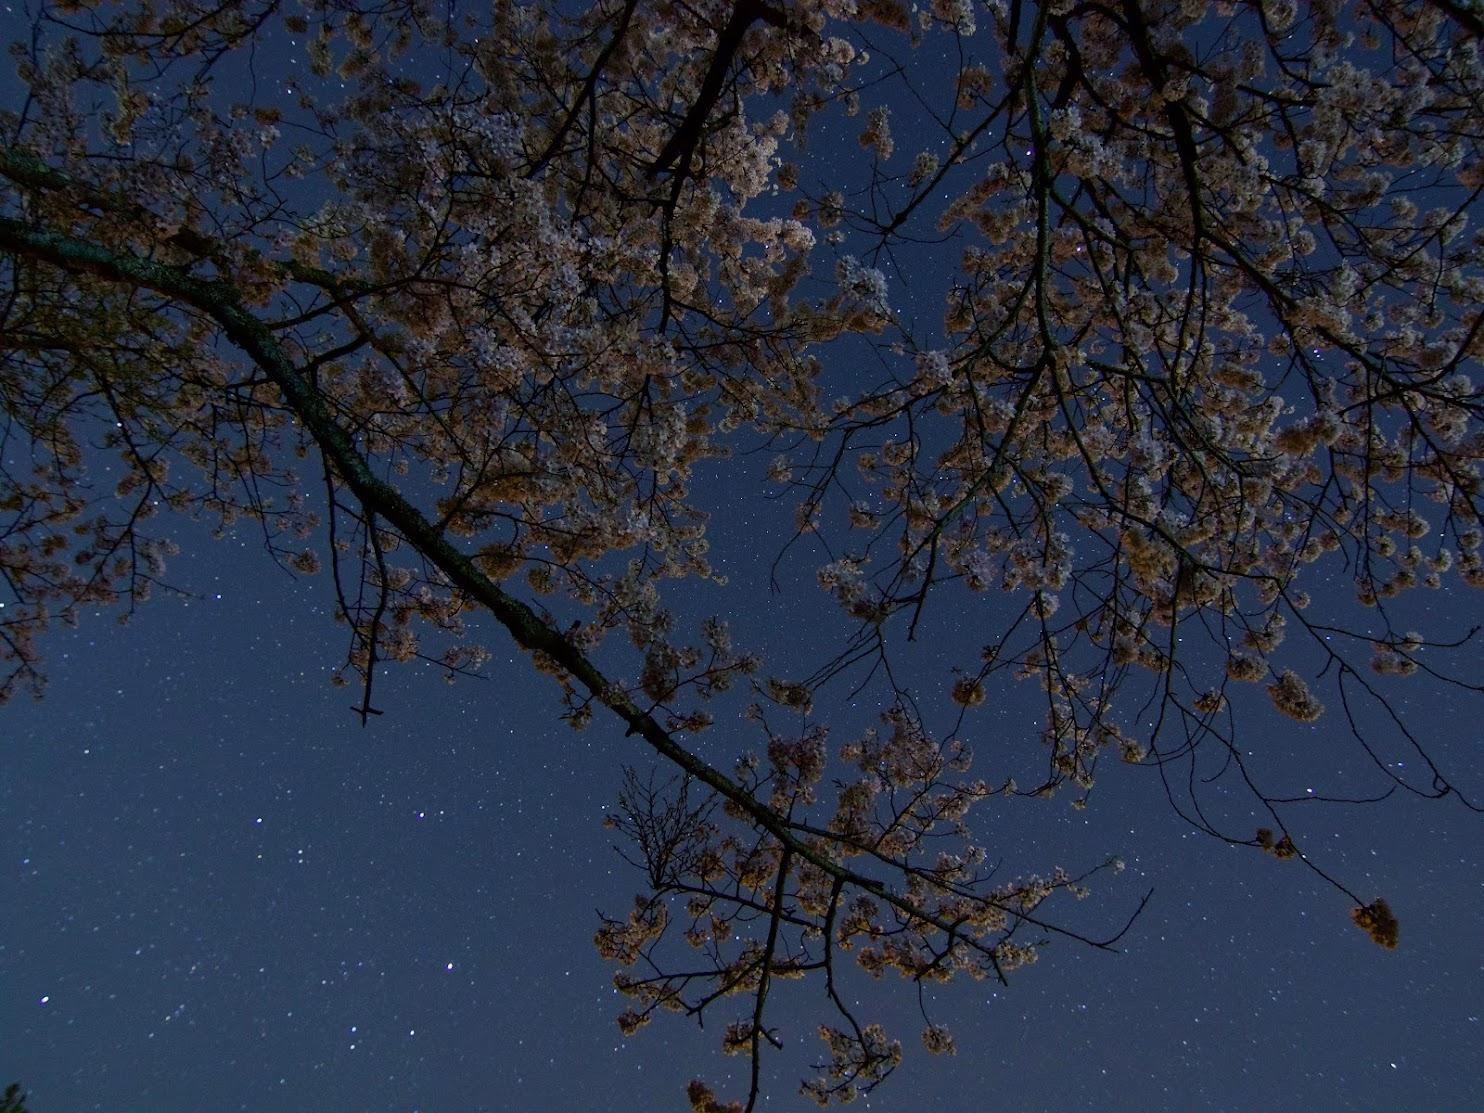 Sakura and Stars